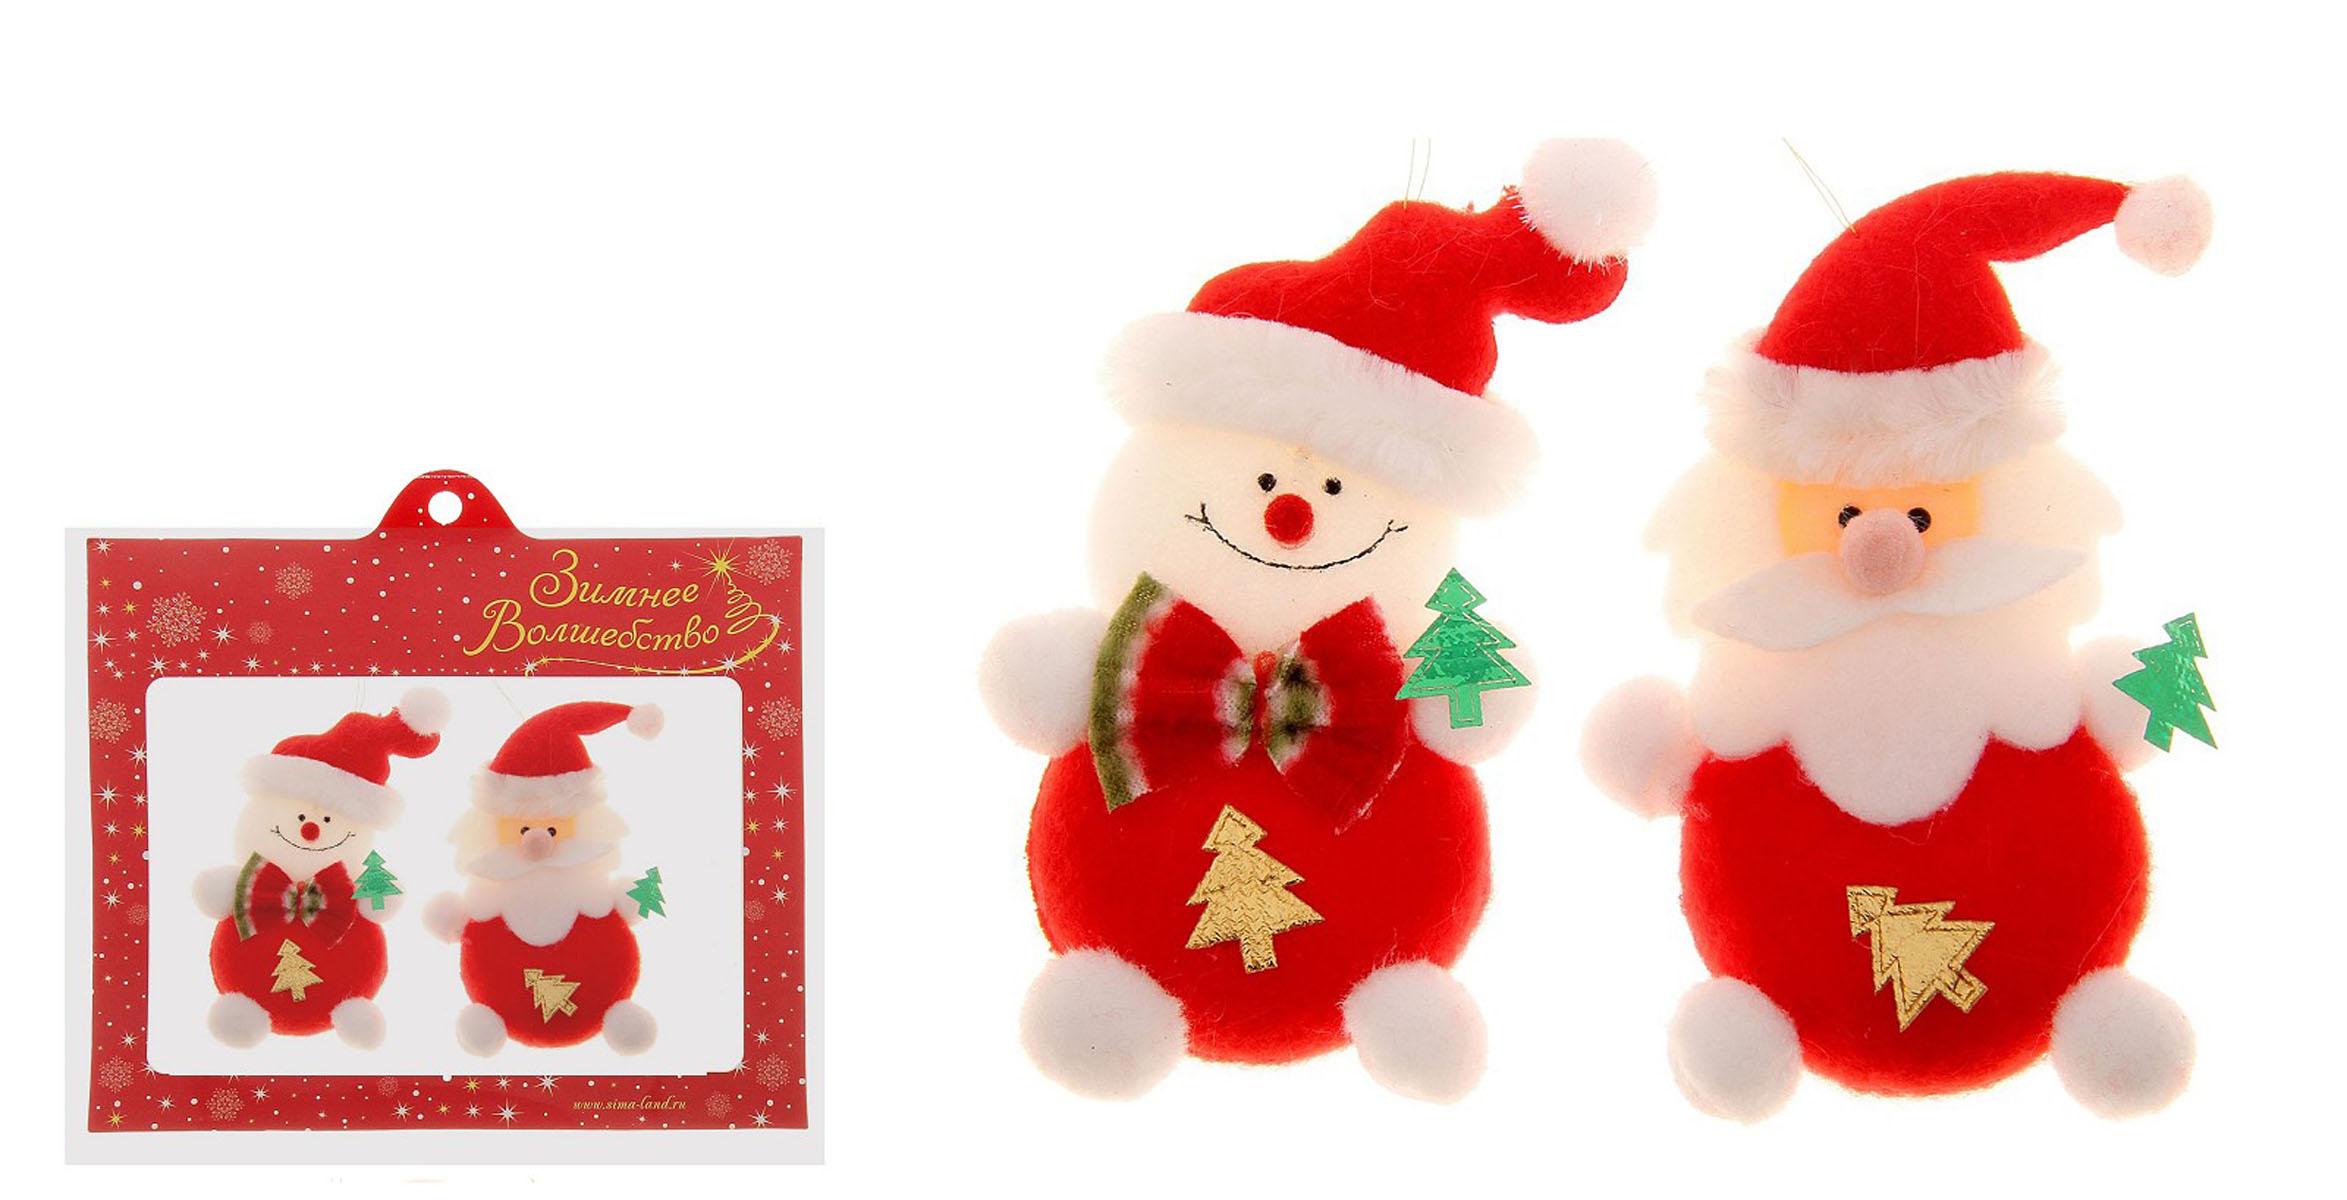 Набор новогодних подвесных украшений Sima-land, 2 шт. 718513718513Набор Sima-land, состоящий из двух новогодних подвесных украшений, отлично подойдет для декорации вашего дома и новогодней ели. Игрушки выполнены из текстиля в виде Деда Мороза и Снеговика с декоративными елочками. Украшения оснащены специальными текстильными петельками для подвешивания. Елочная игрушка - символ Нового года. Она несет в себе волшебство и красоту праздника. Создайте в своем доме атмосферу веселья и радости, украшая всей семьей новогоднюю елку нарядными игрушками, которые будут из года в год накапливать теплоту воспоминаний. Коллекция декоративных украшений из серии Зимнее волшебство принесет в ваш дом ни с чем не сравнимое ощущение праздника! Материал: текстиль, пластик. Размер украшения (Дед Мороз): 6,5 см х 2 см х 11 см.Размер украшения (Снеговик): 6 см х 2 см х 12 см.